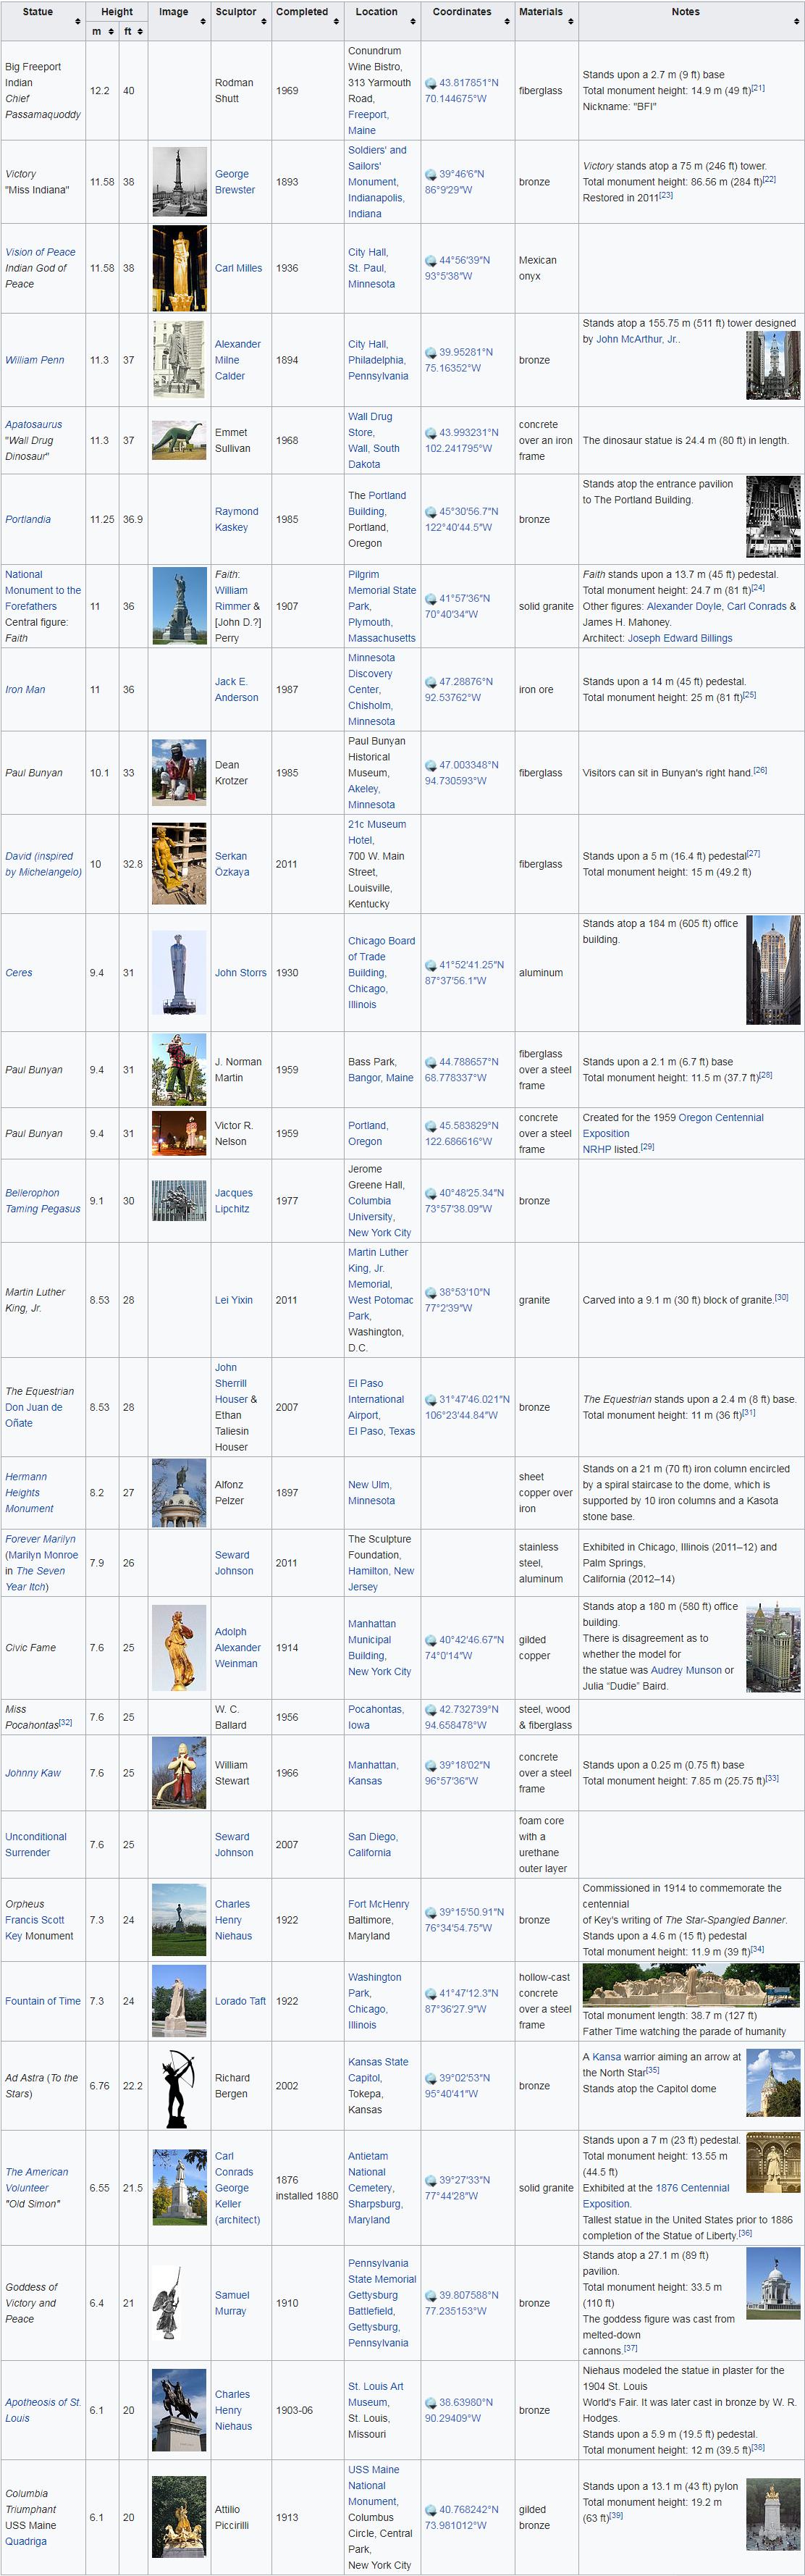 Opera Snapshot_2017-11-17_204841_en.wikipedia.org.png